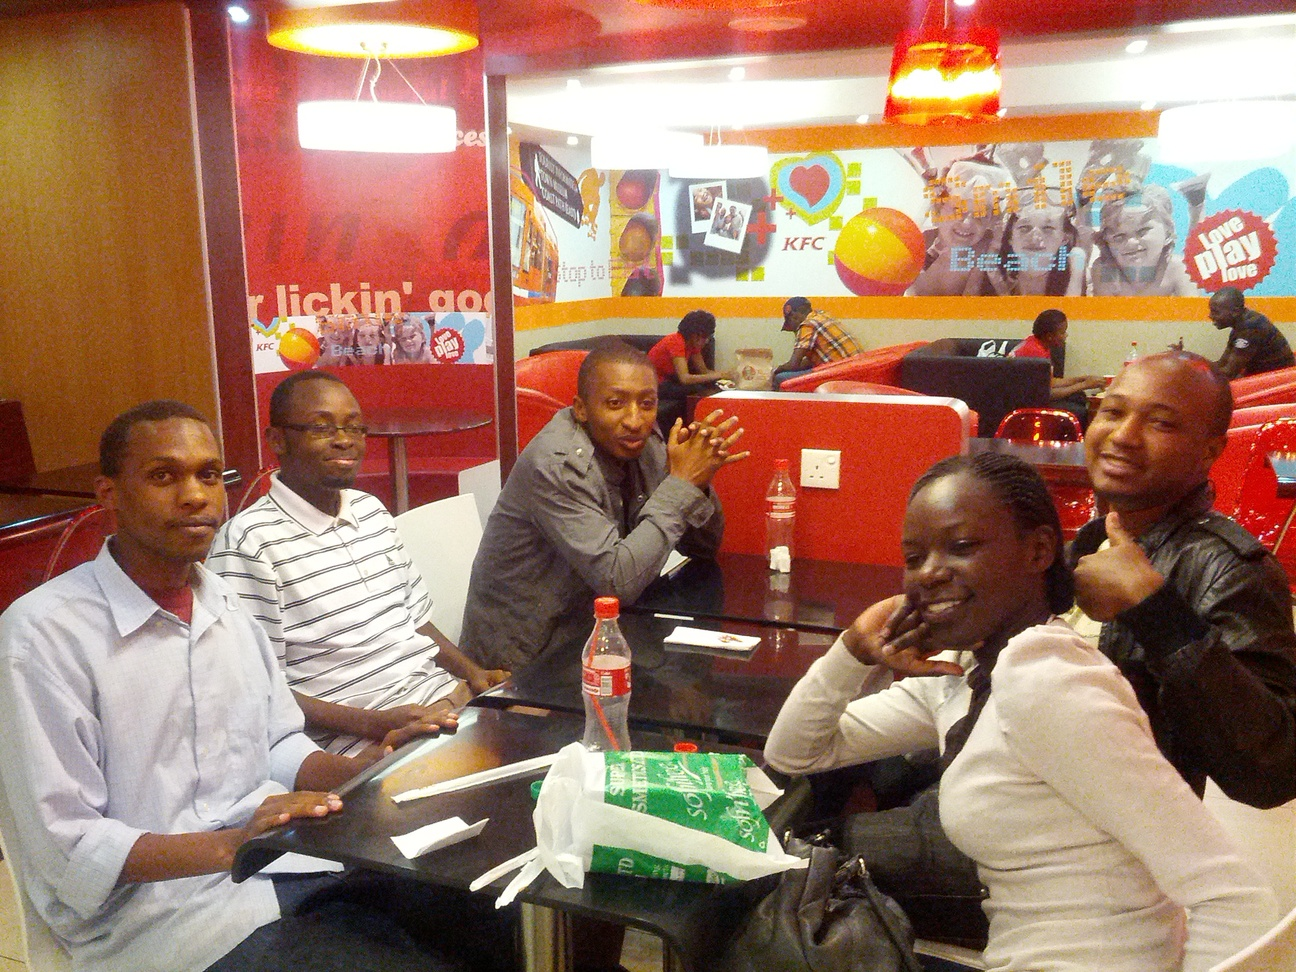 Ibrahim, Dennis, Sammy, Njema, and Perpetuah